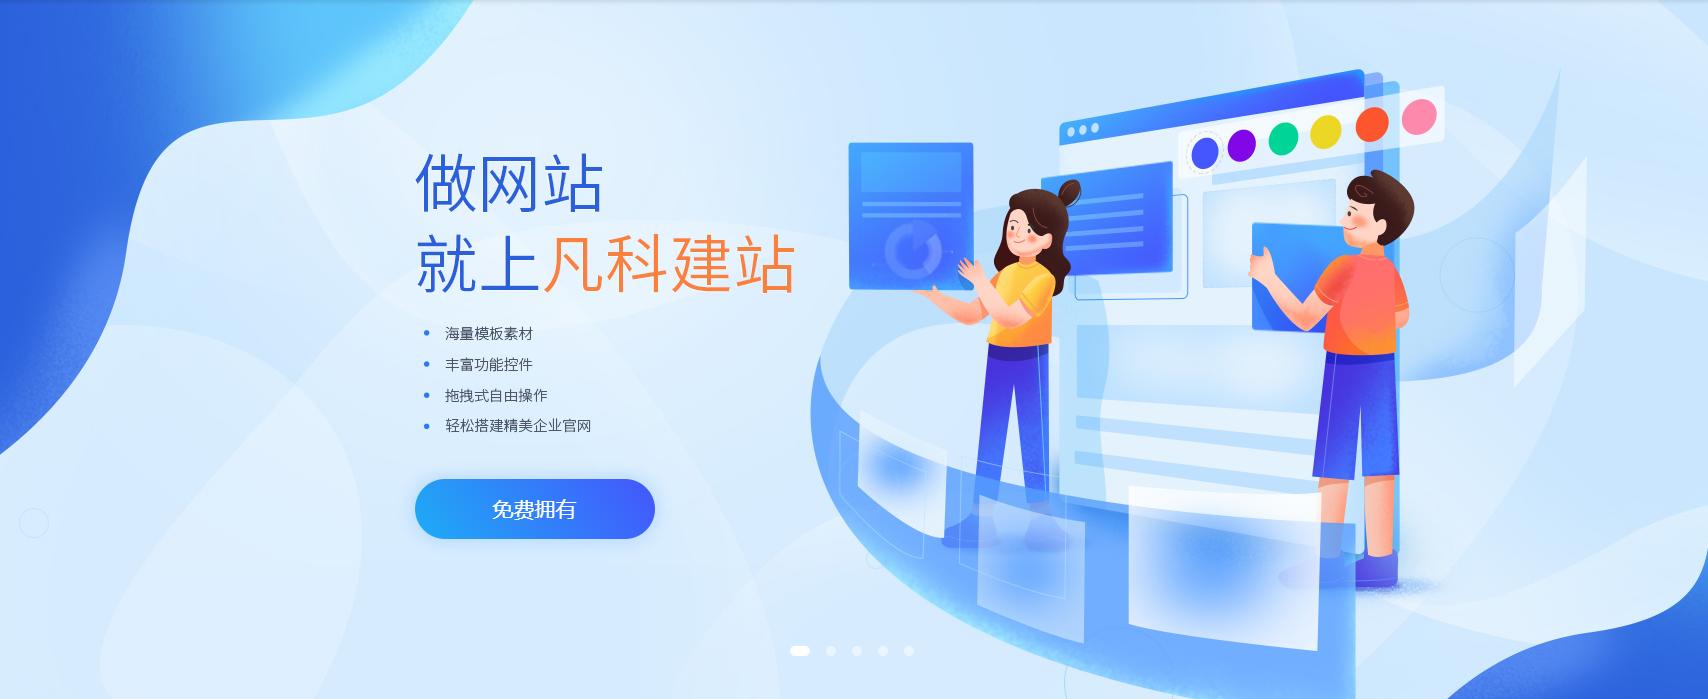 移动网站UI分隔设计